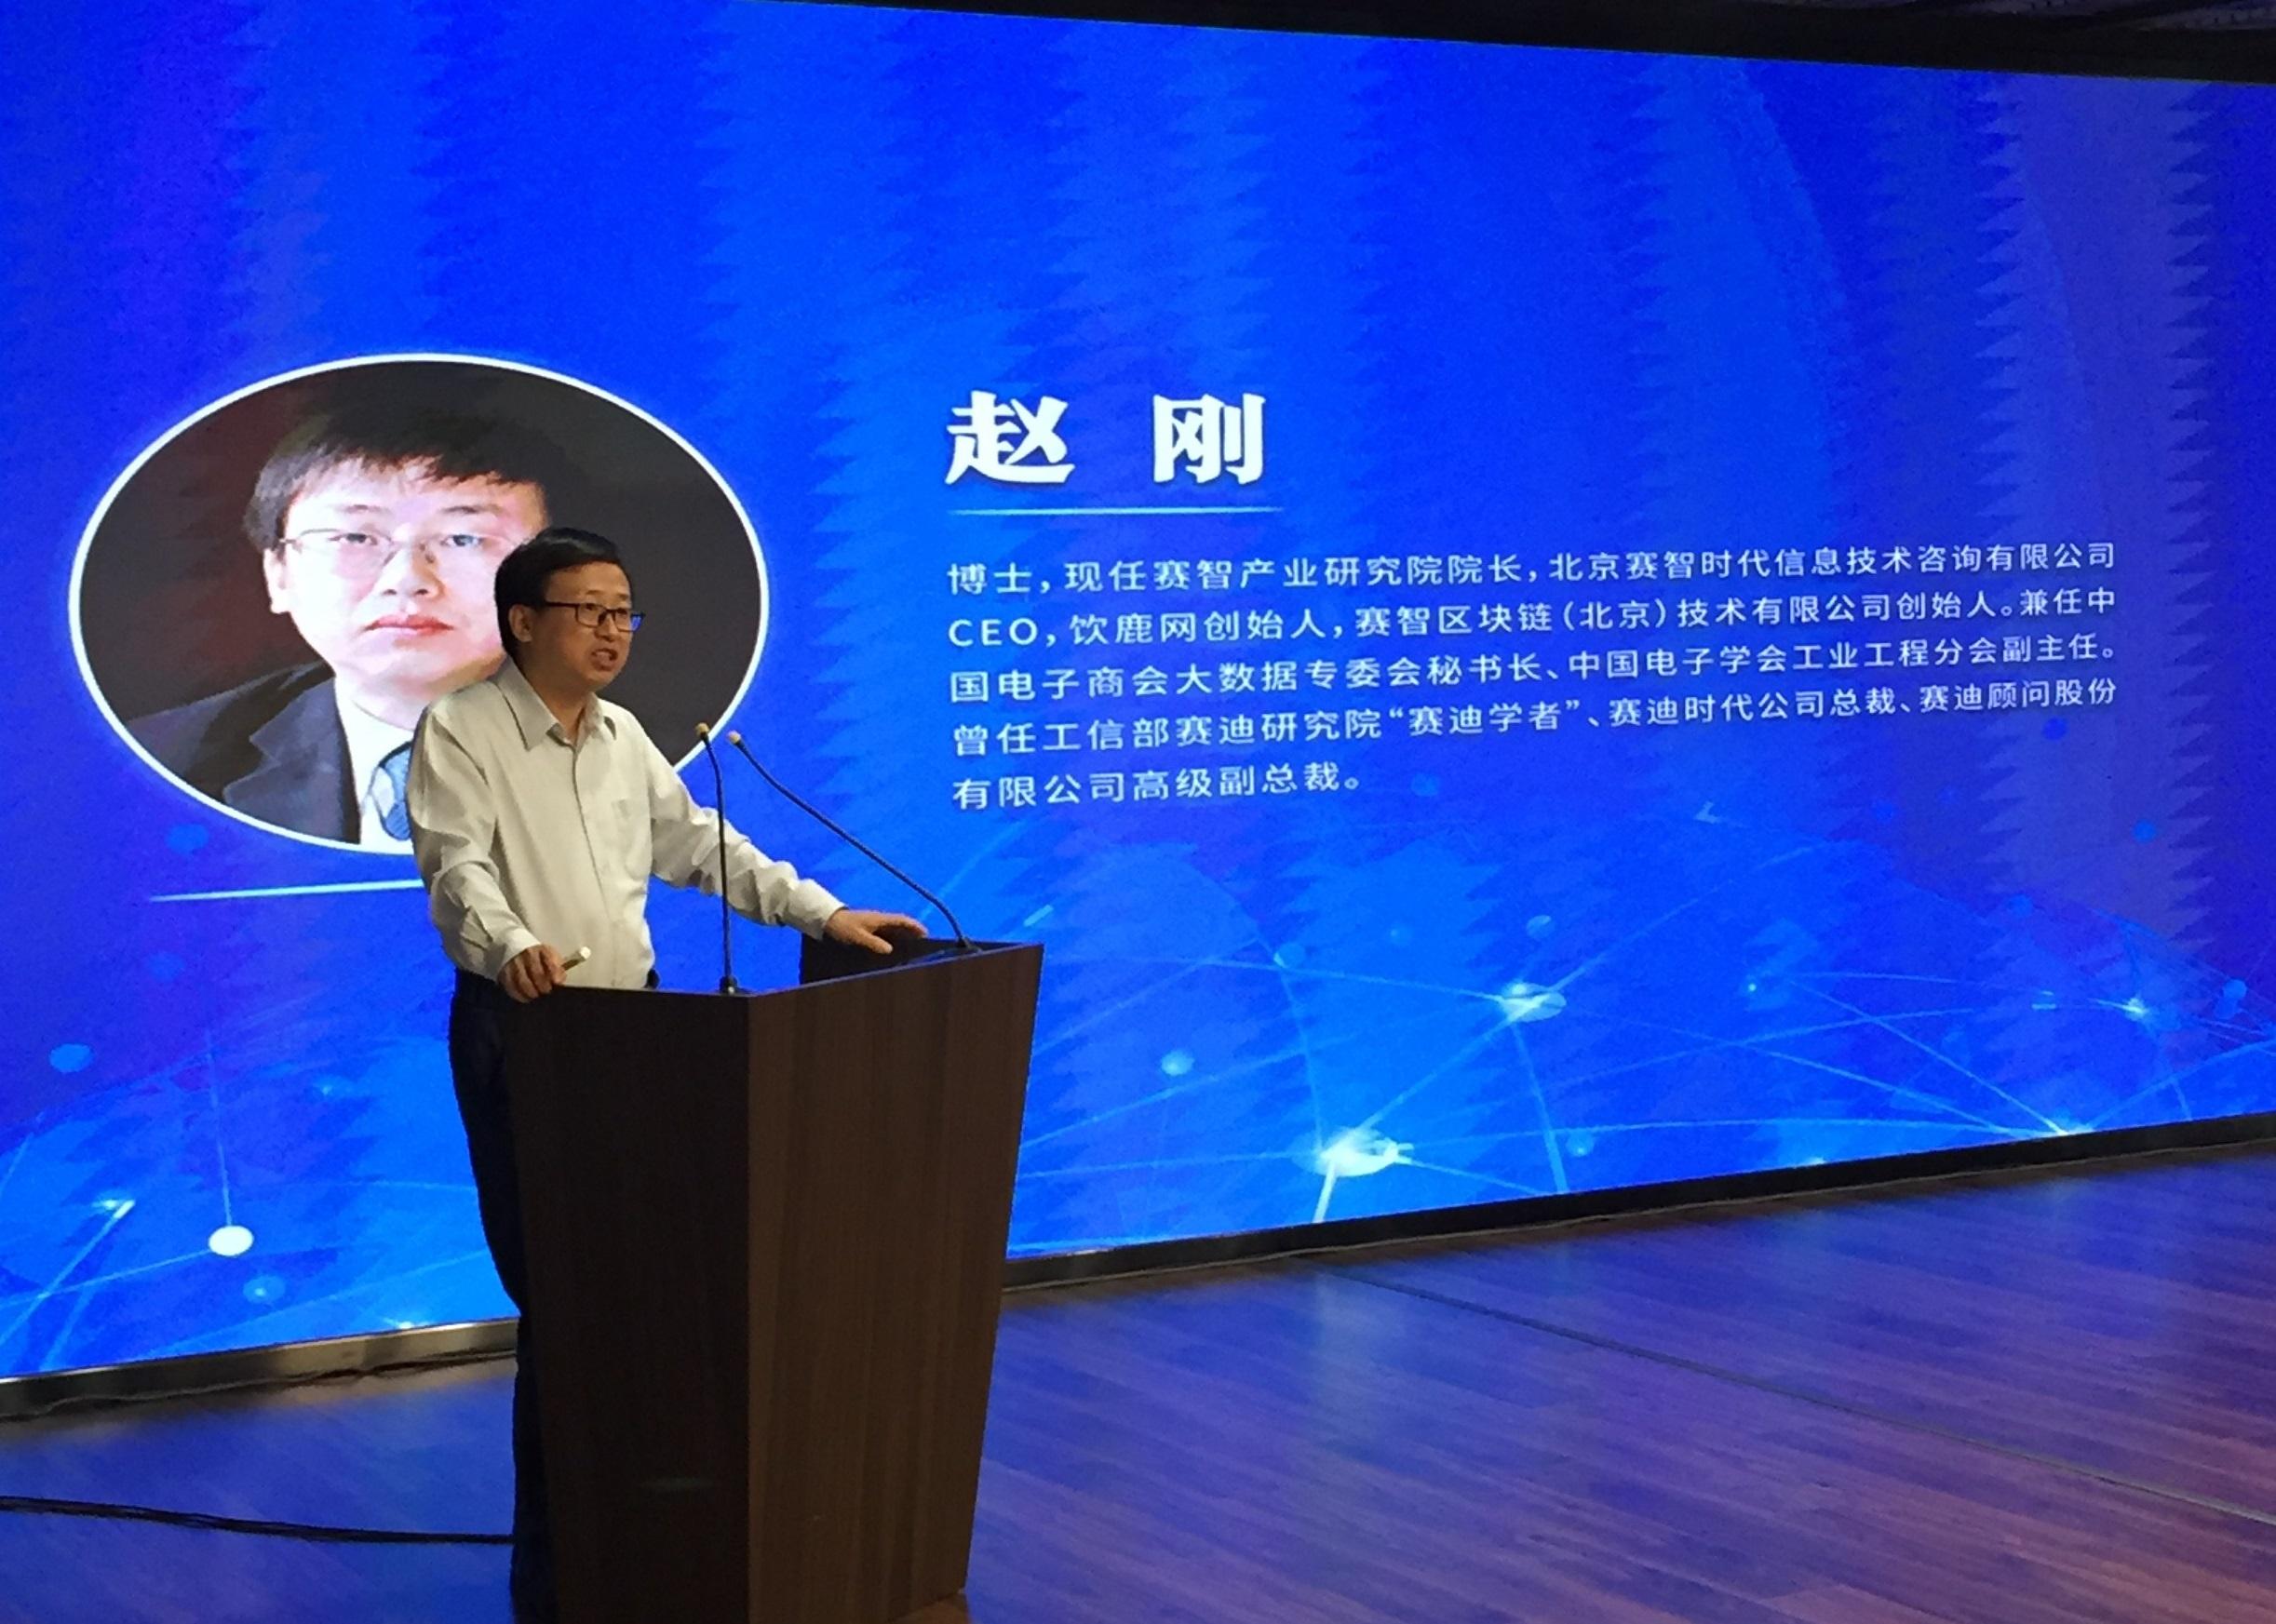 """赛智时代CEO赵刚博士受邀参加由三部委联合举办的""""实施国家大数据战略专题培训班""""并担任演讲/对话主嘉宾"""